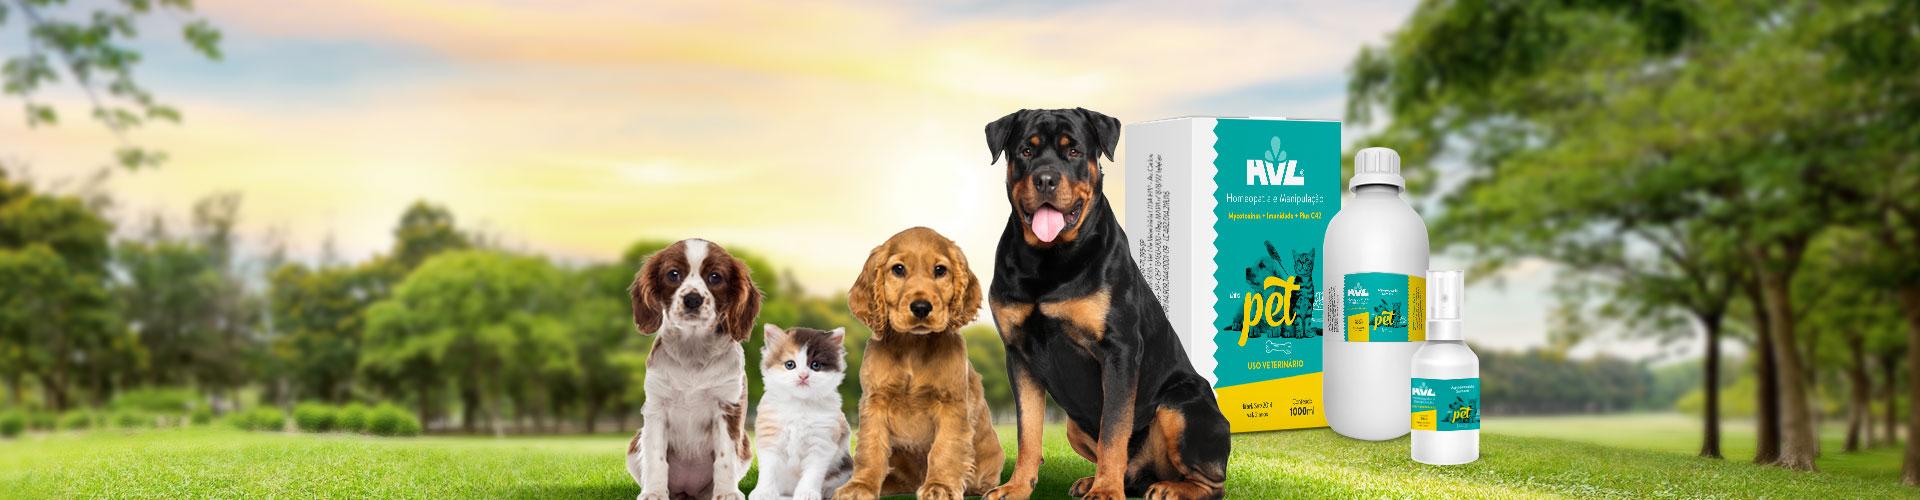 BG-Full-Banner-Pets-